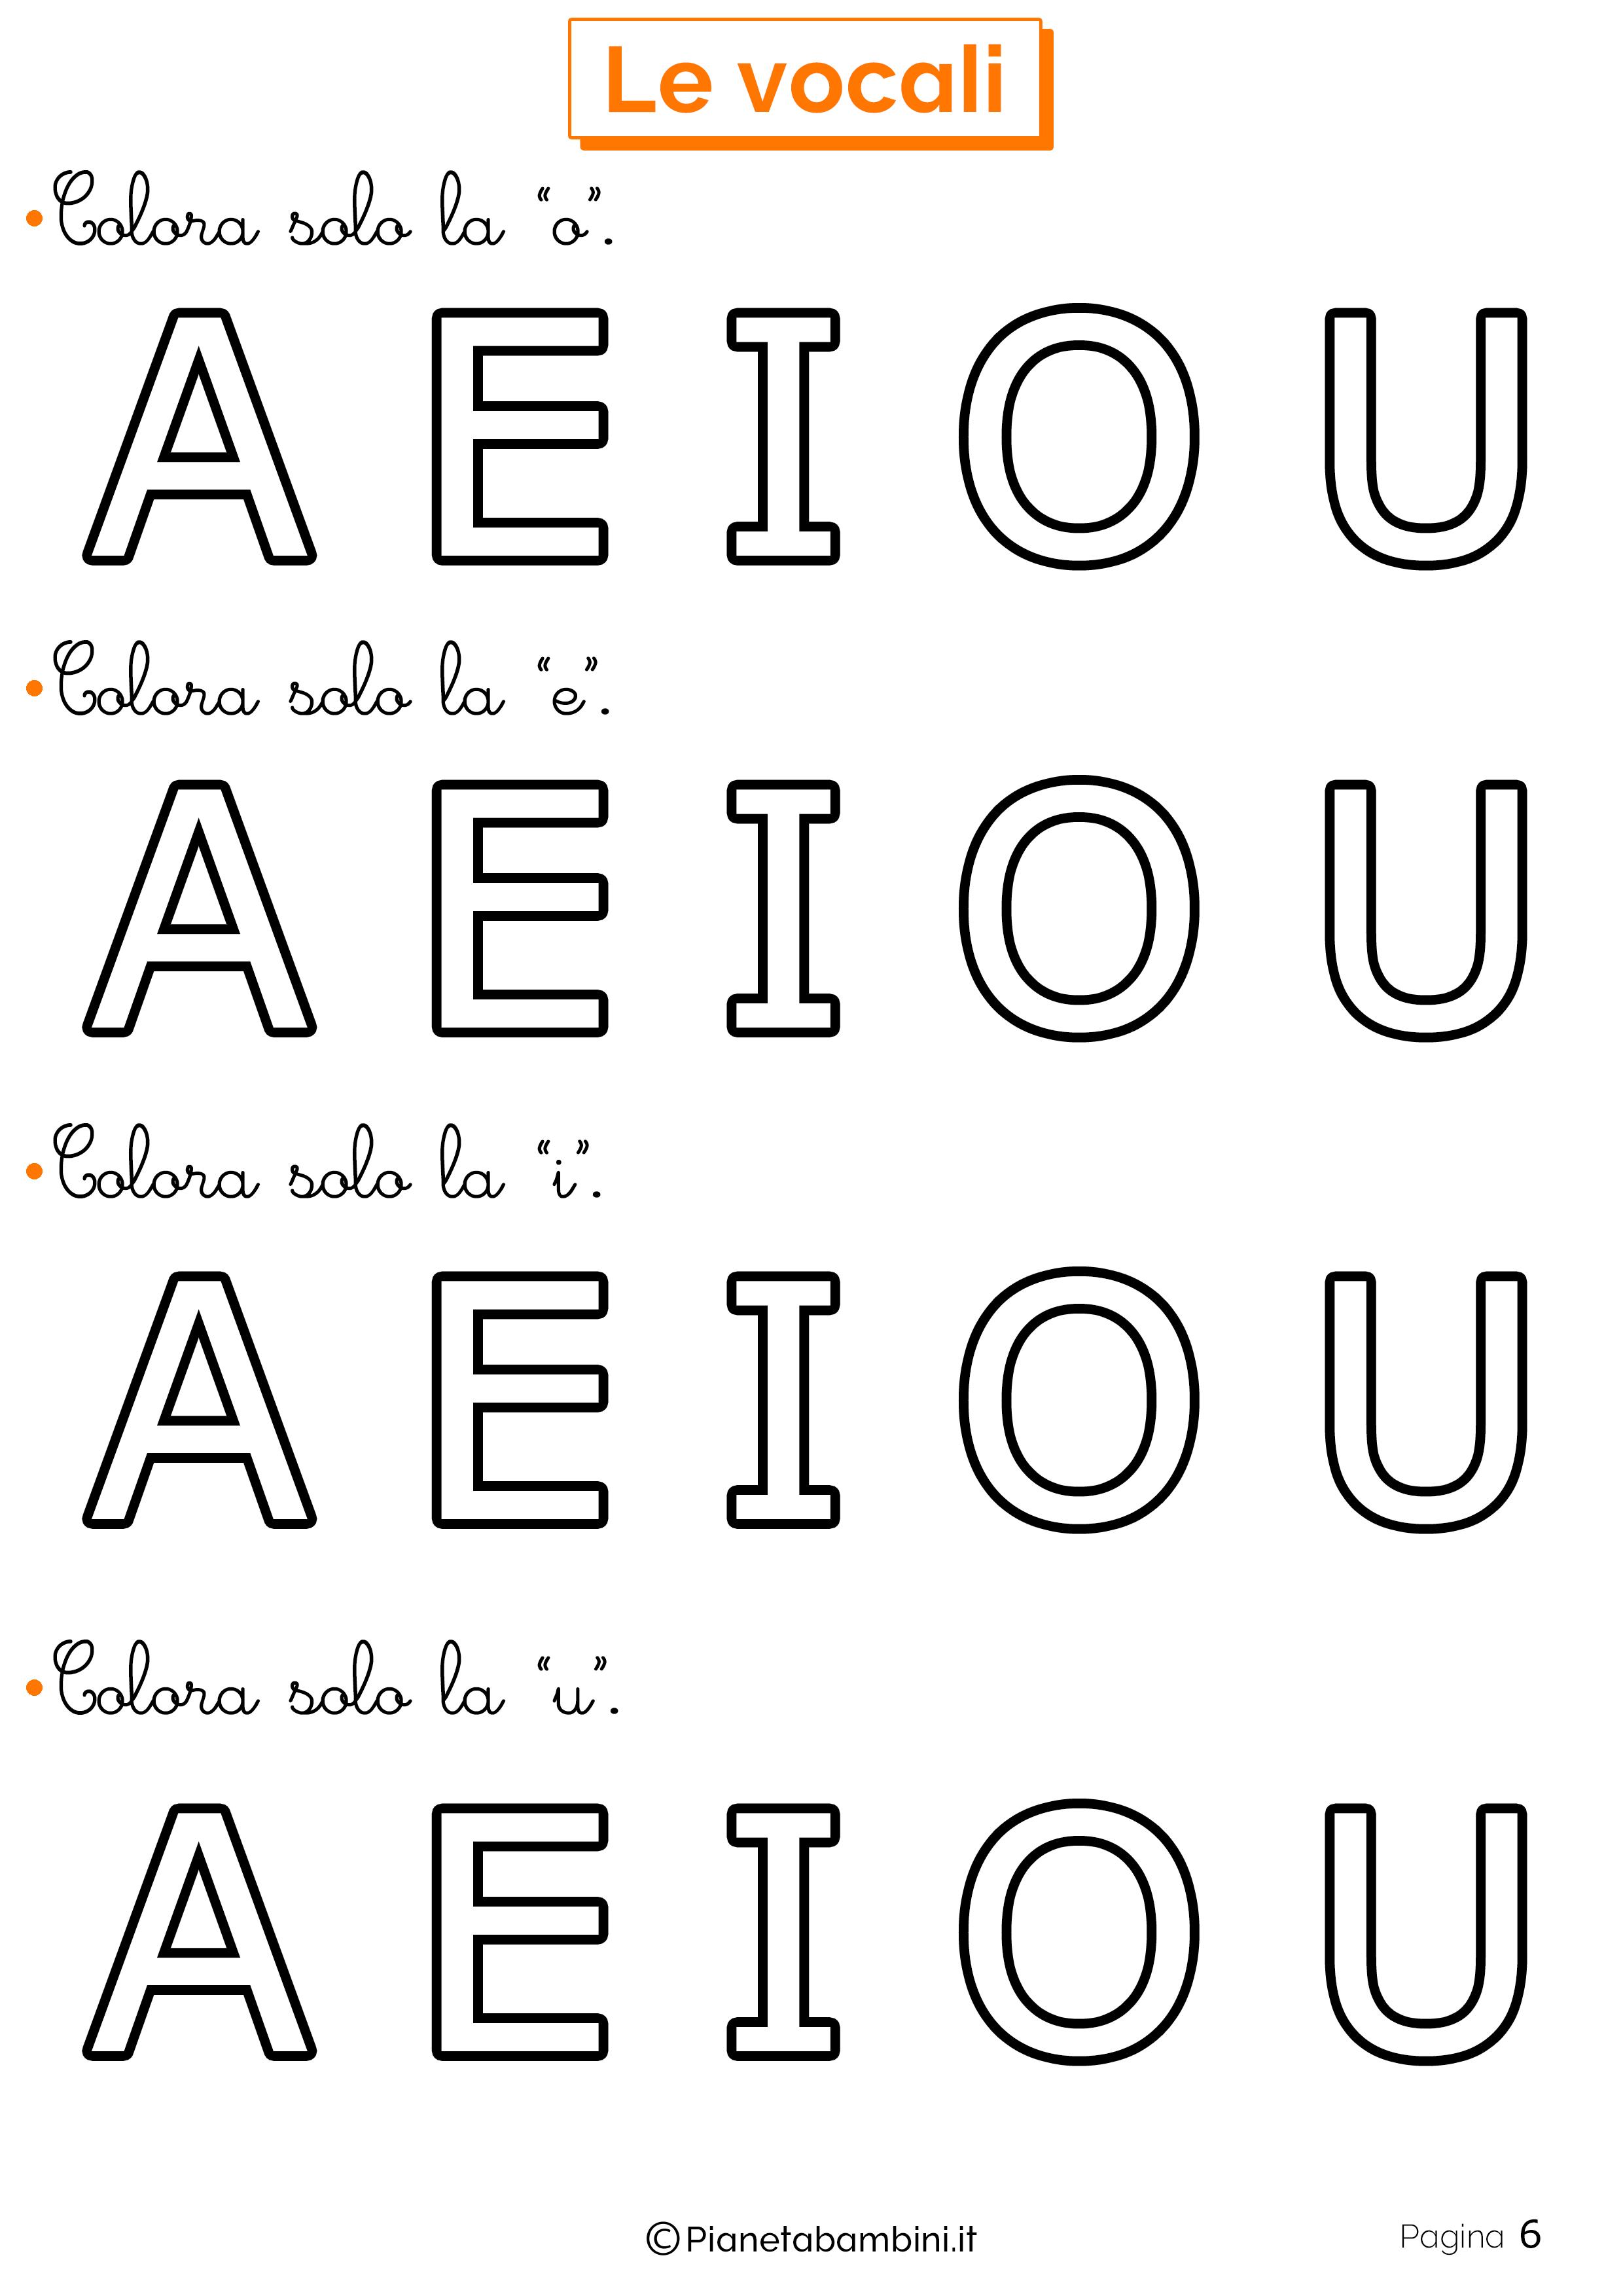 Esercizi sulle vocali 6